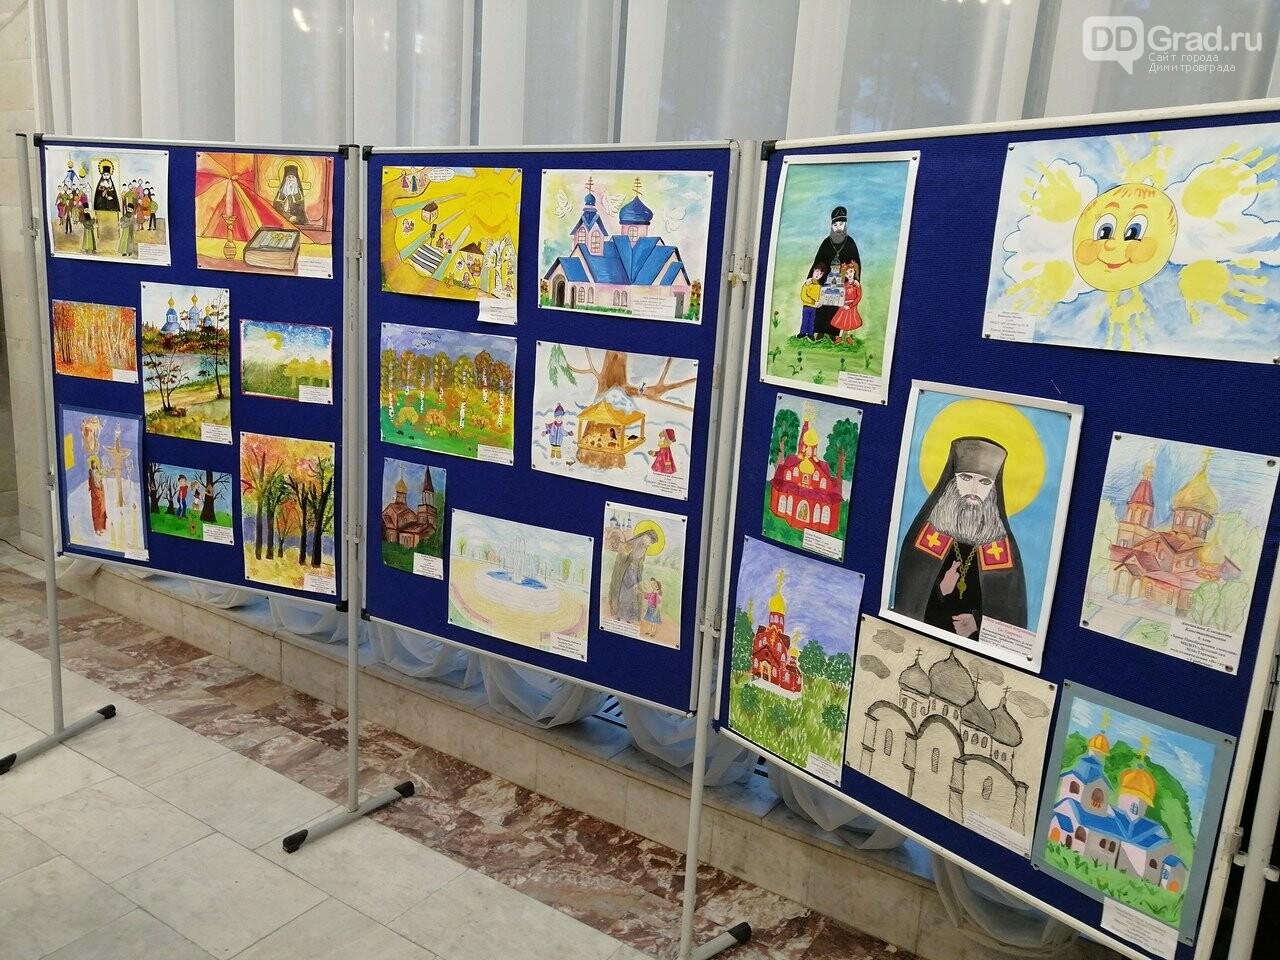 Димитровградцев приглашают принять участие в конкурсах, посвящённых канонизации архимандрита Гавриила, фото-1